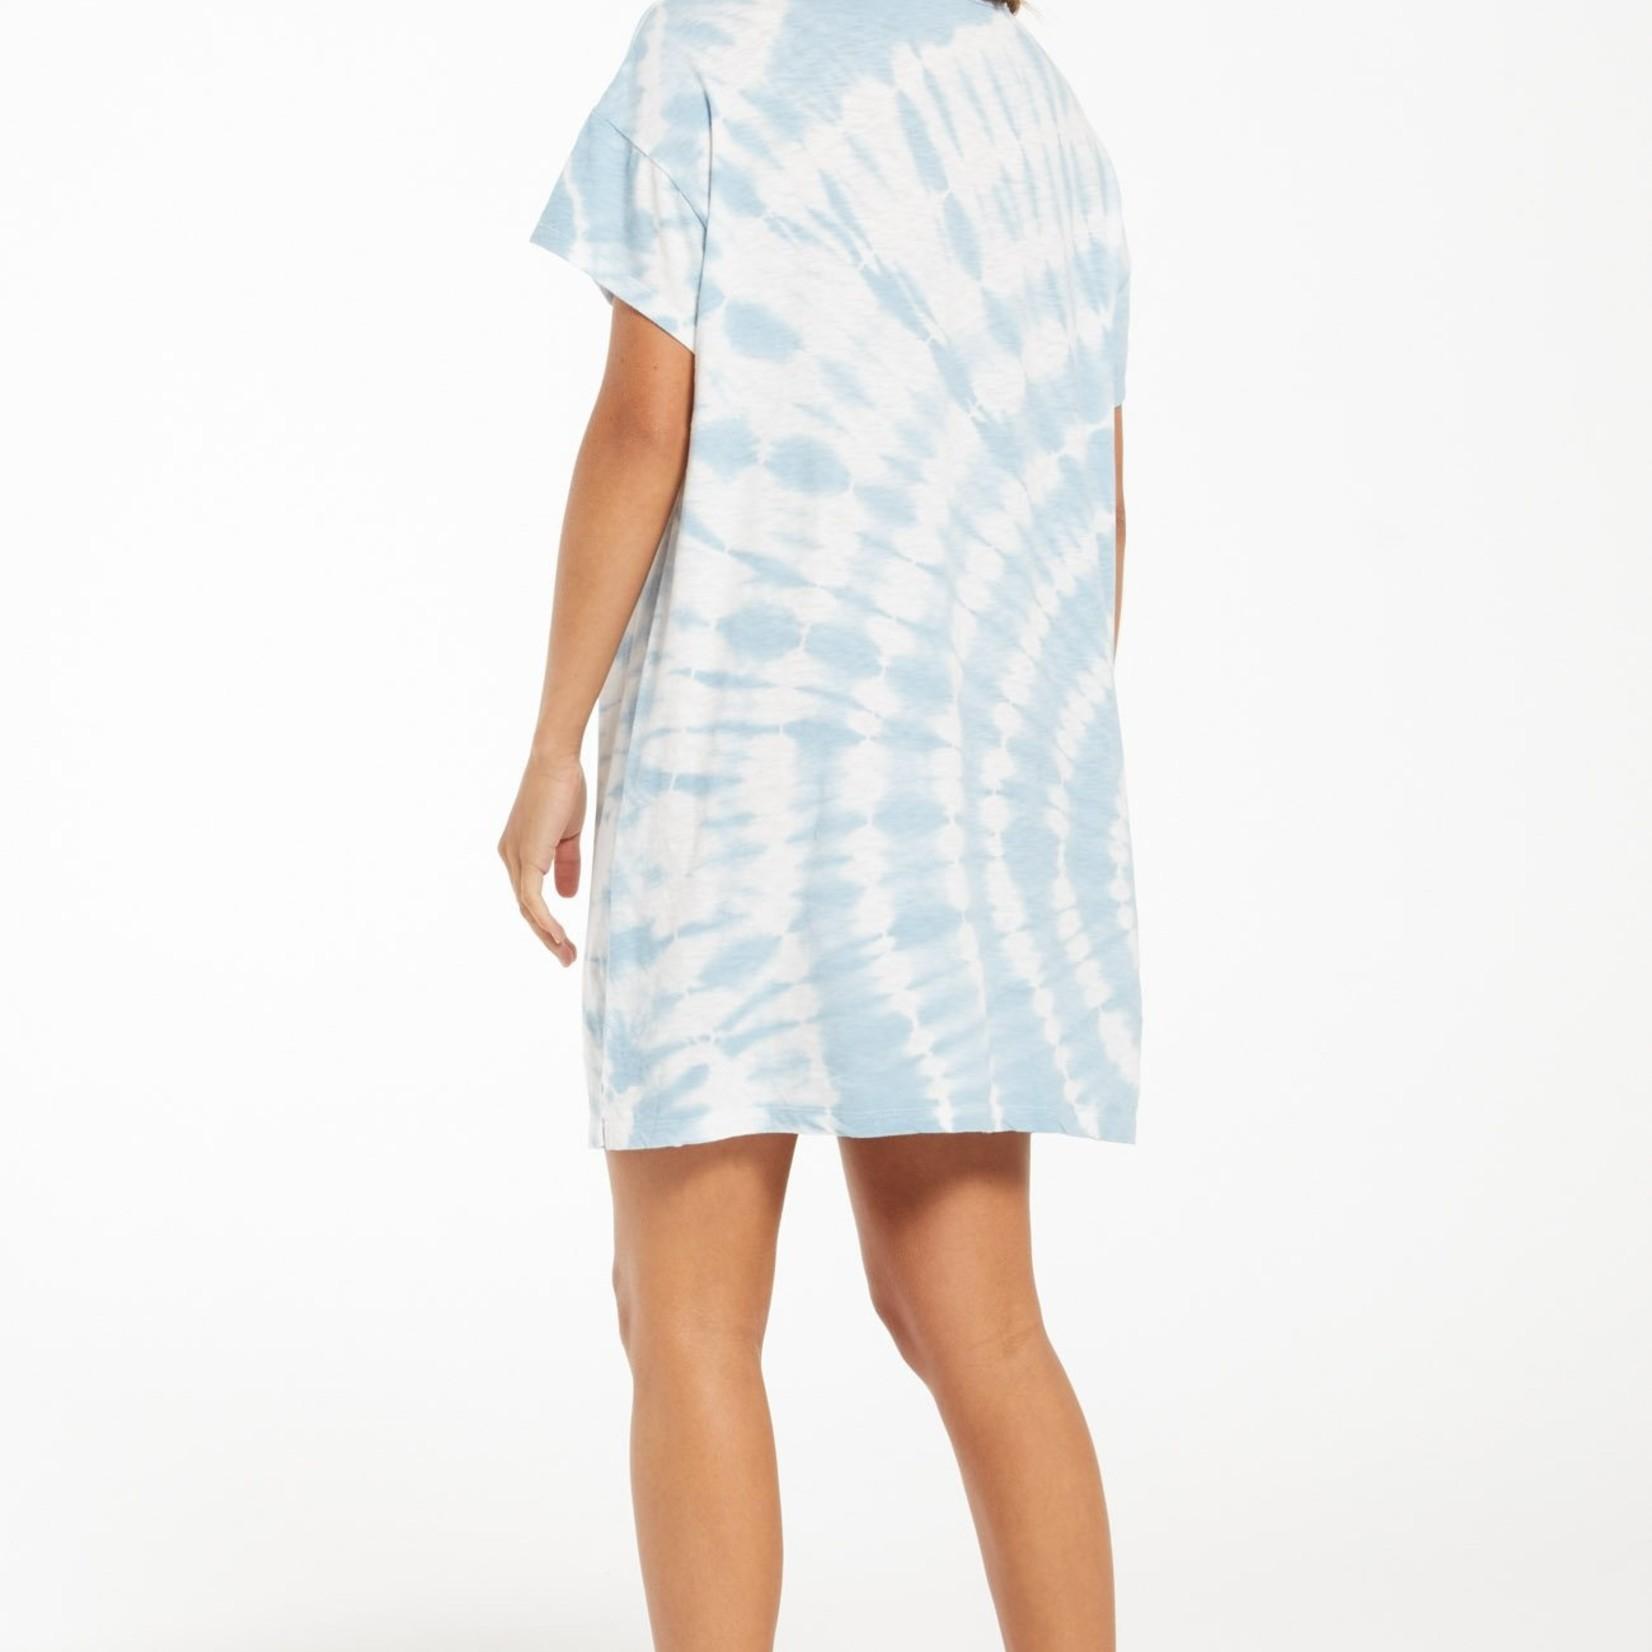 Z Supply Z Supply Launa Swirl Tie-Dye Dress